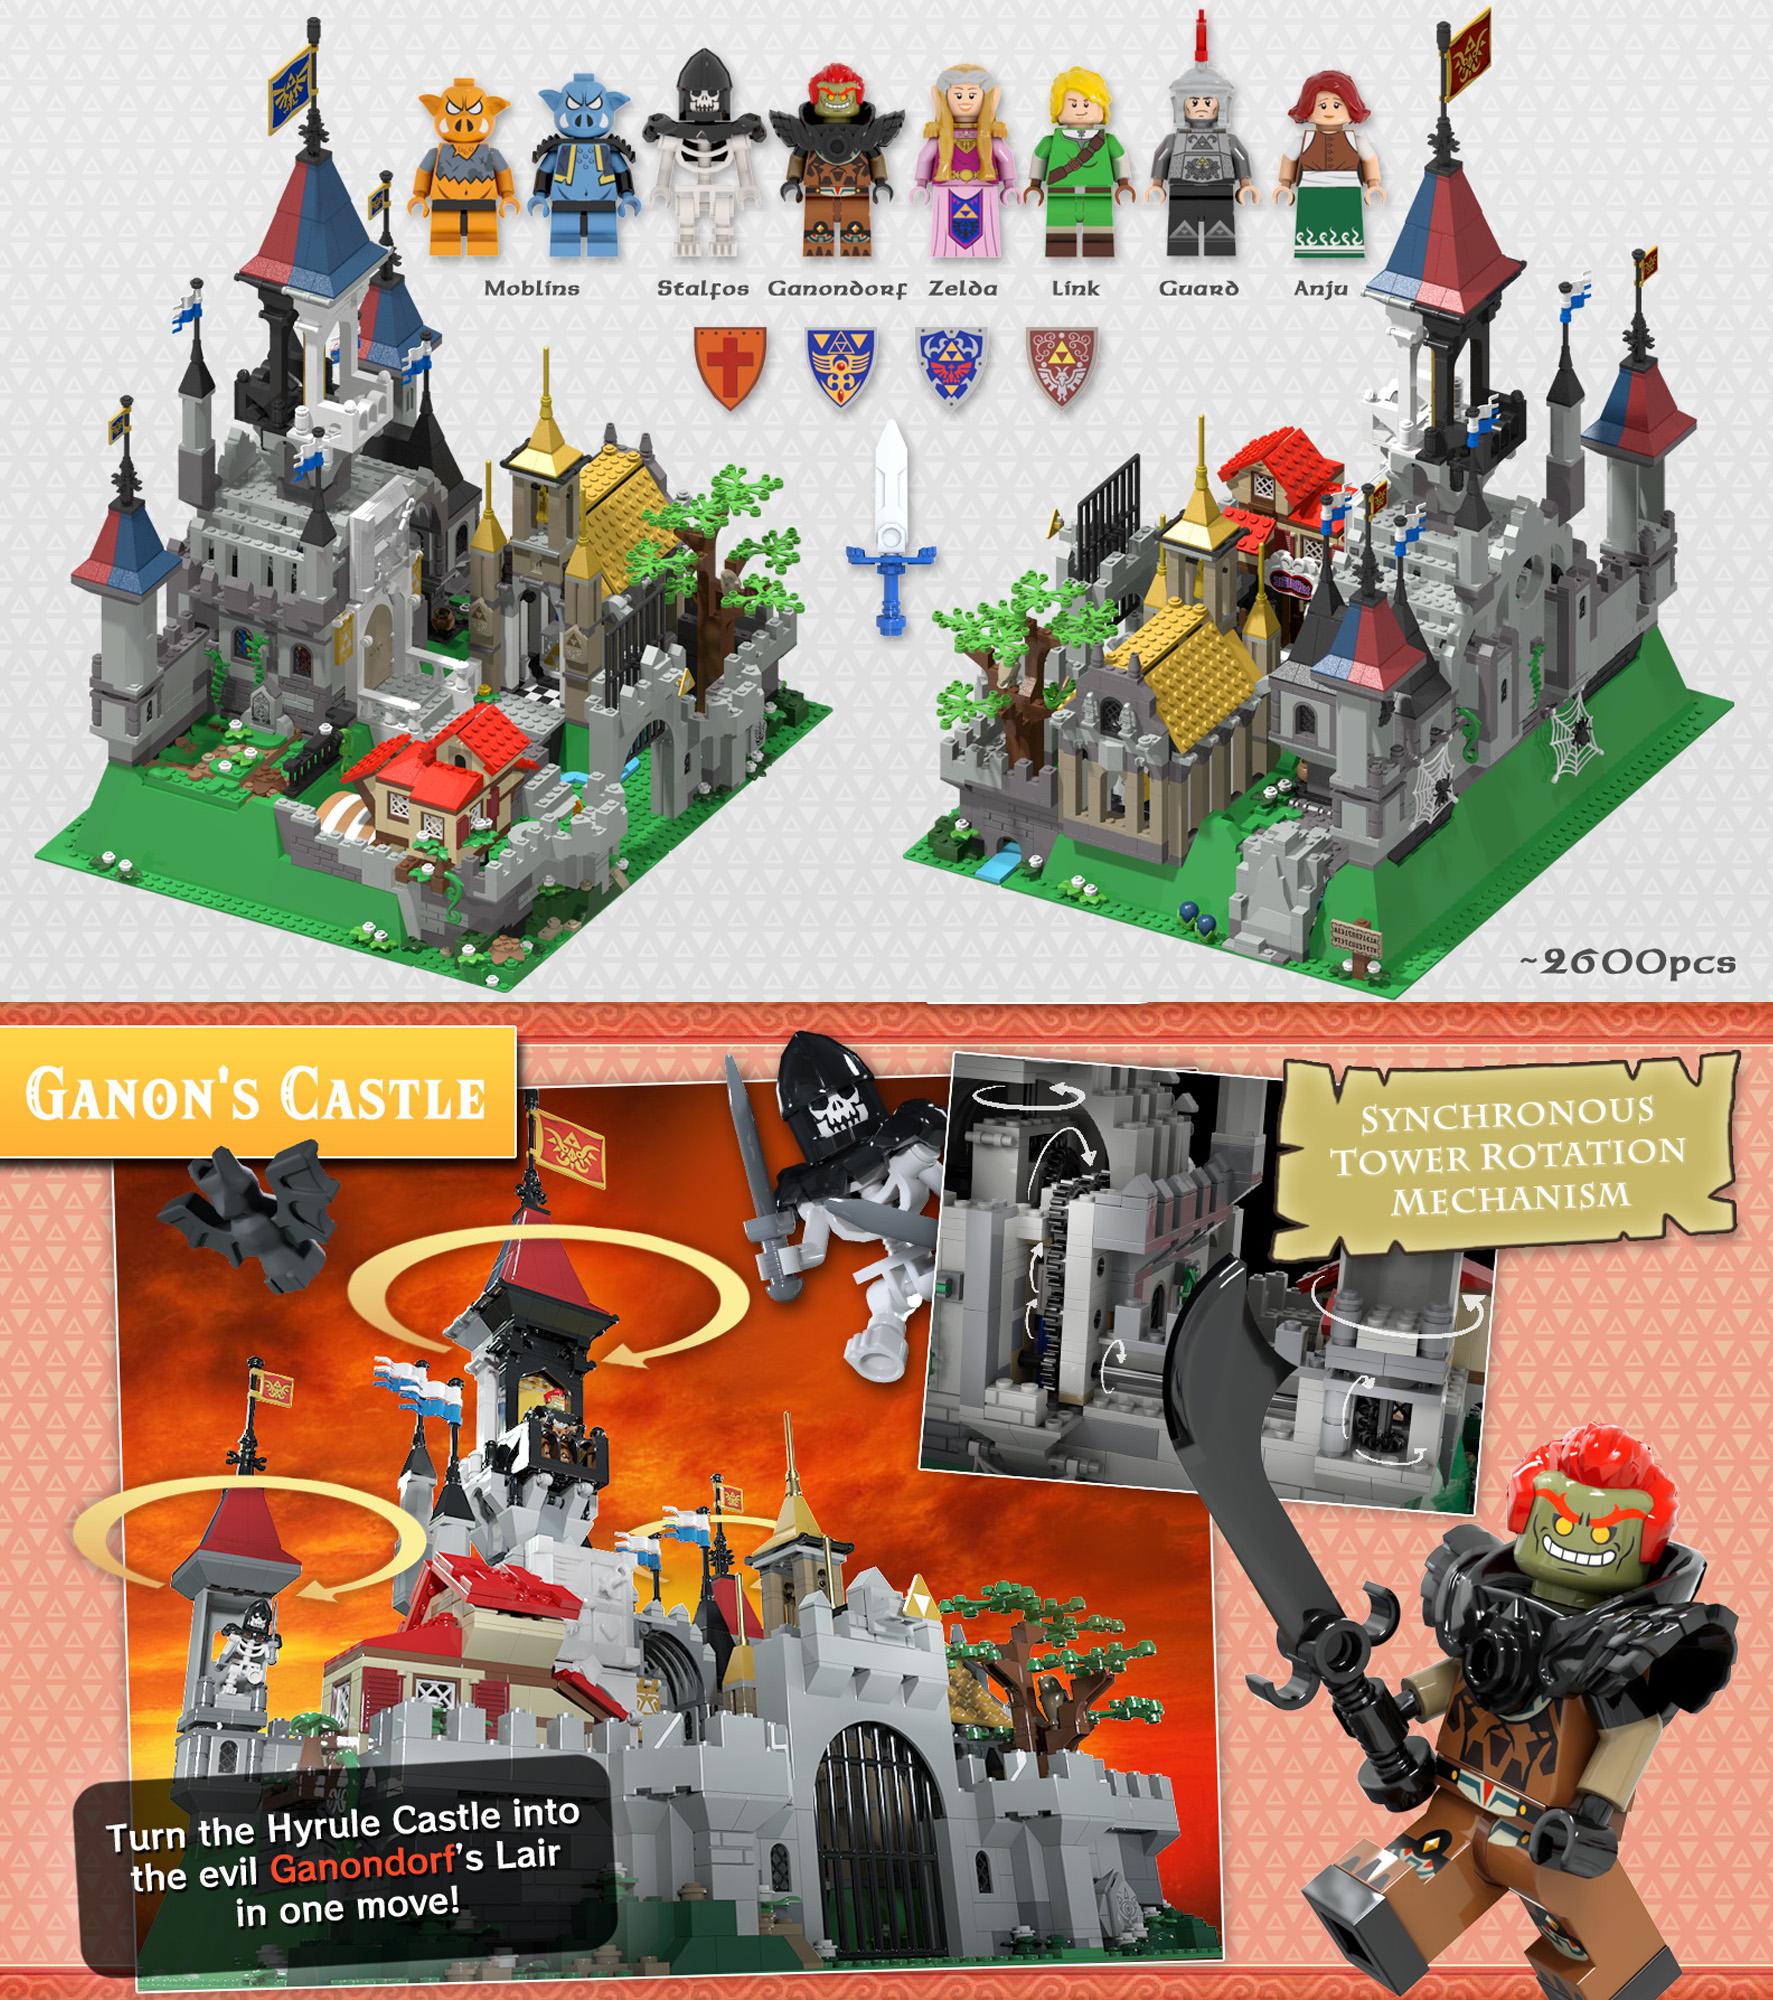 レゴアイデアで『ハイラル城:ゼルダの伝説』が製品化レビュー進出!2021年第1回1万サポート獲得デザイン紹介